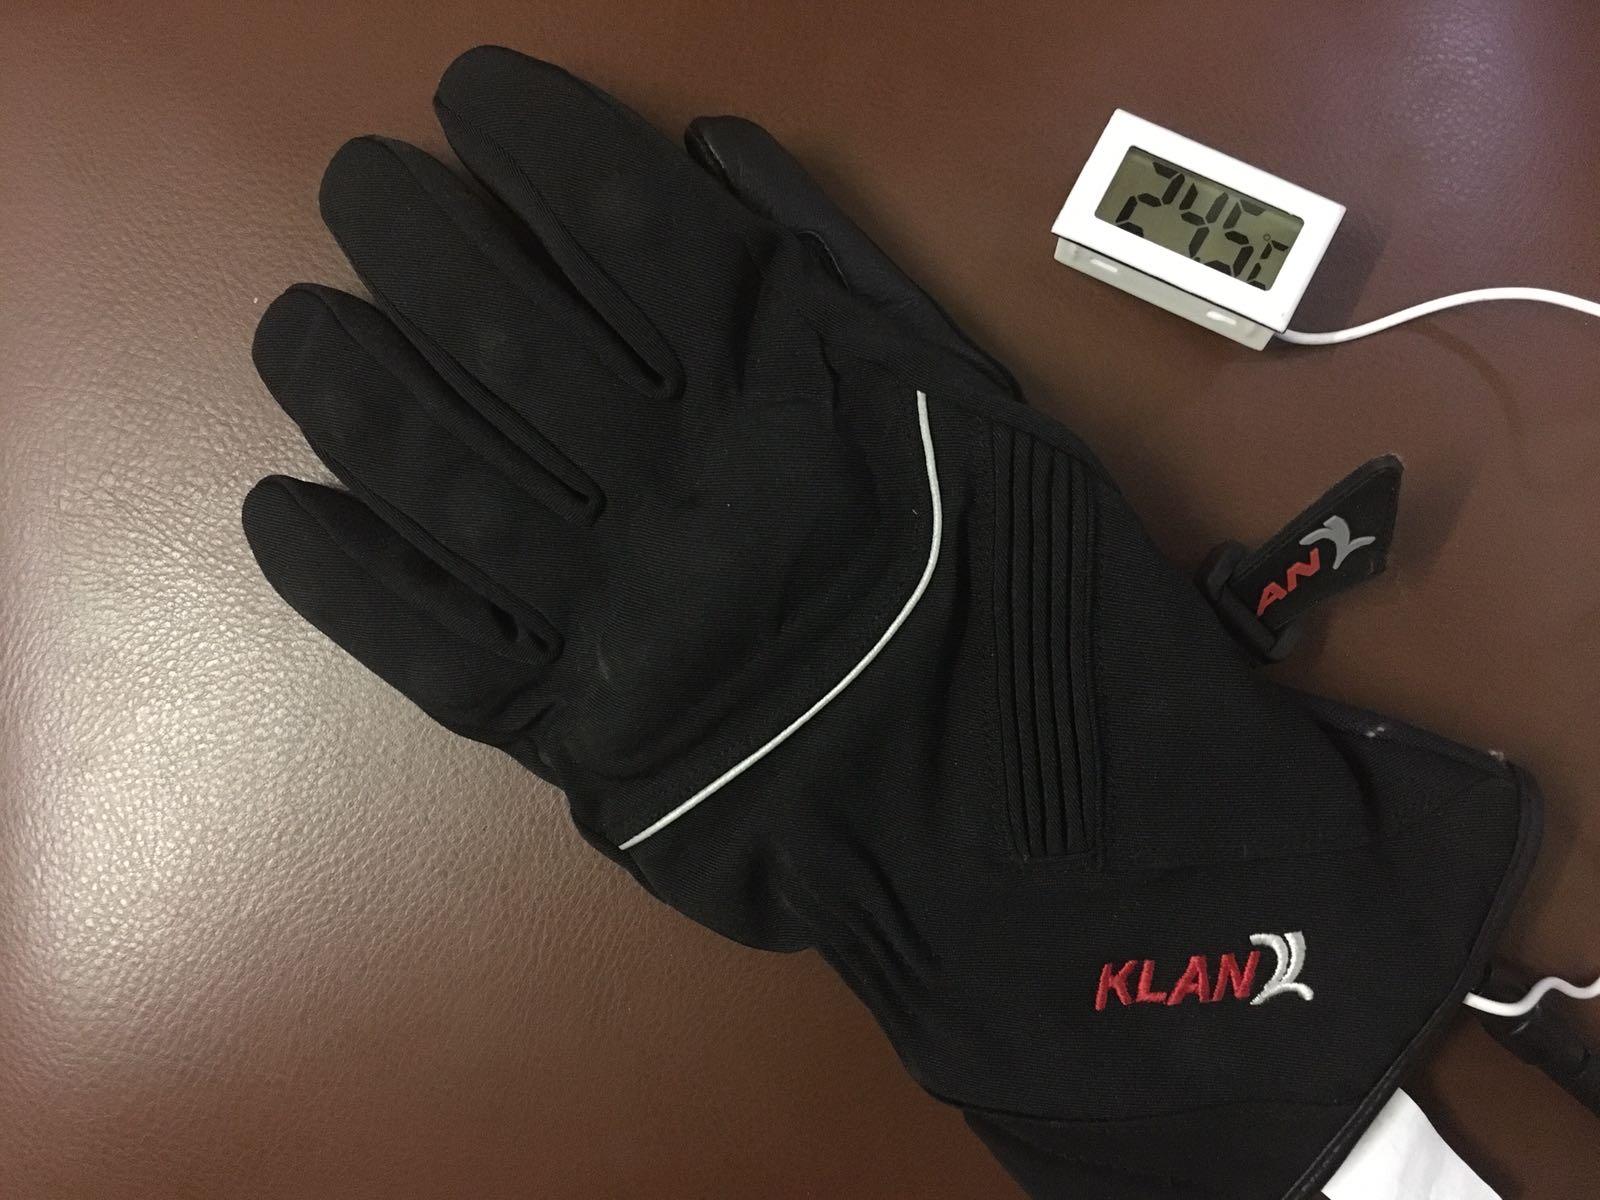 guanti KLAN EXCESS PRO K-GRt-0060 unboxing